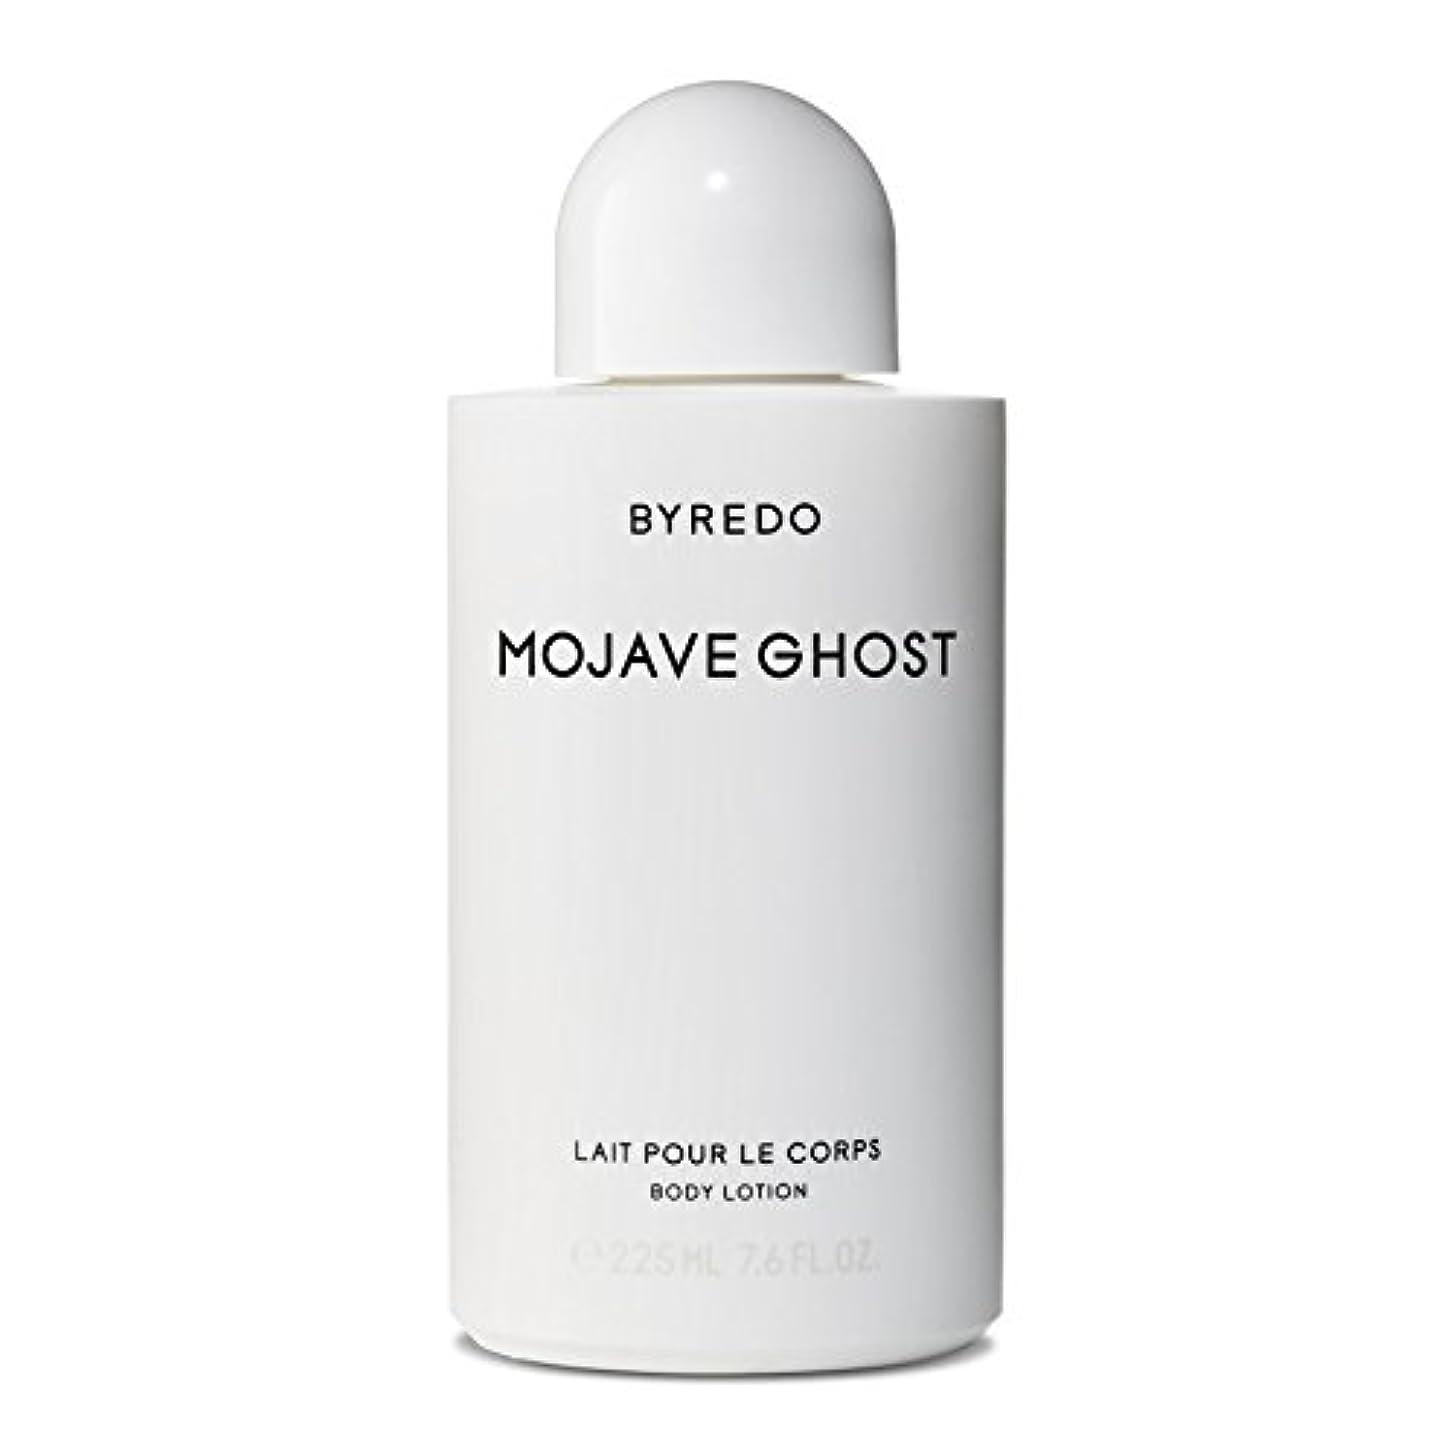 偶然の浅い不幸Byredo Mojave Ghost Body Lotion - モハーベゴーストボディローション [並行輸入品]